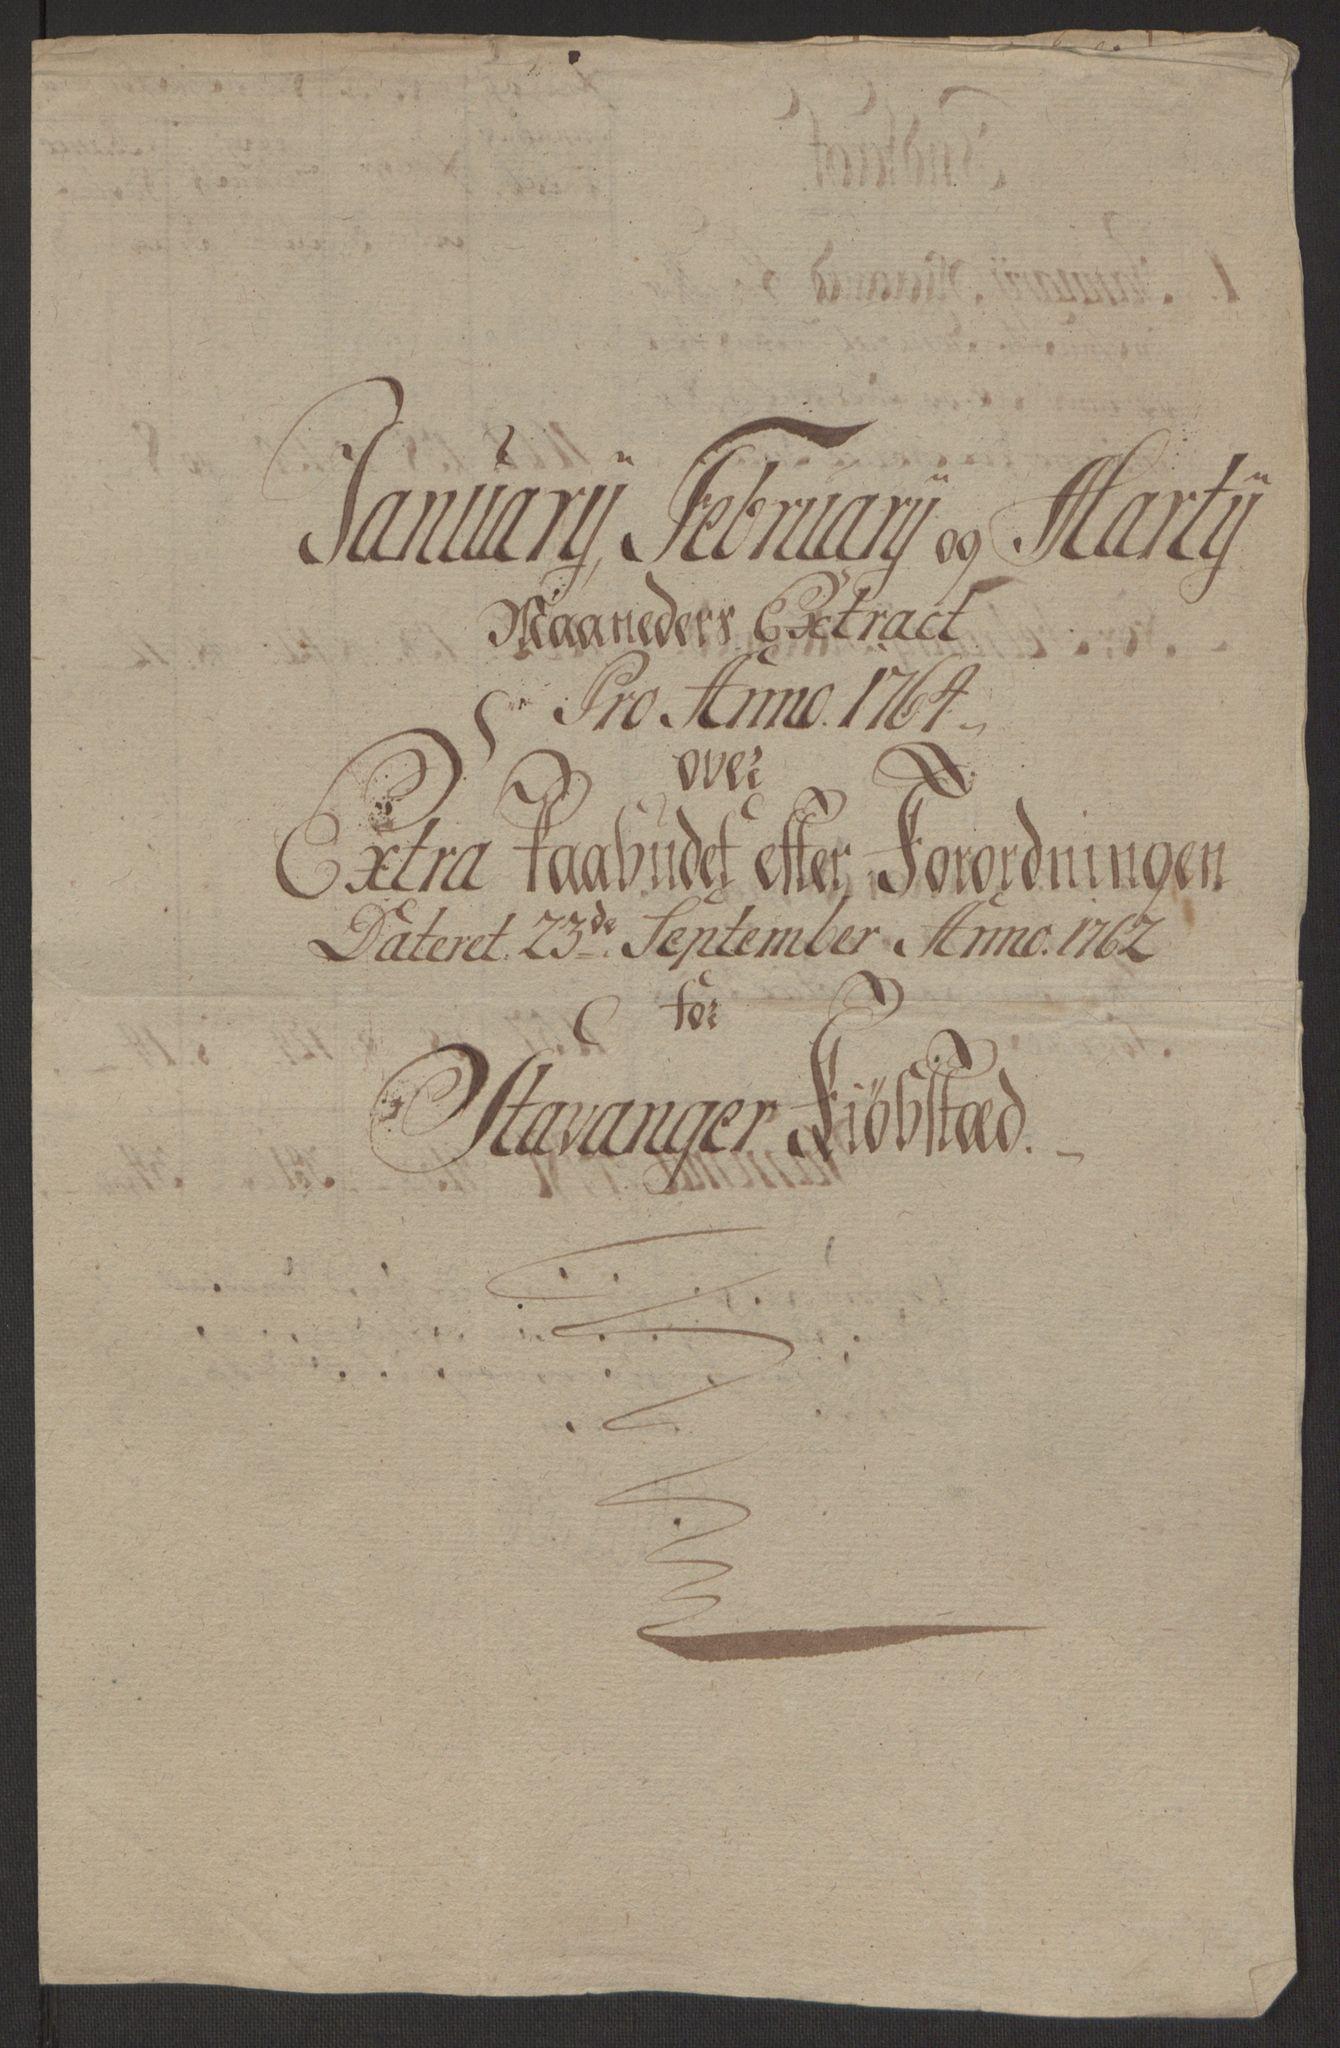 RA, Rentekammeret inntil 1814, Reviderte regnskaper, Byregnskaper, R/Ro/L0305: [O6] Kontribusjonsregnskap, 1762-1768, s. 66